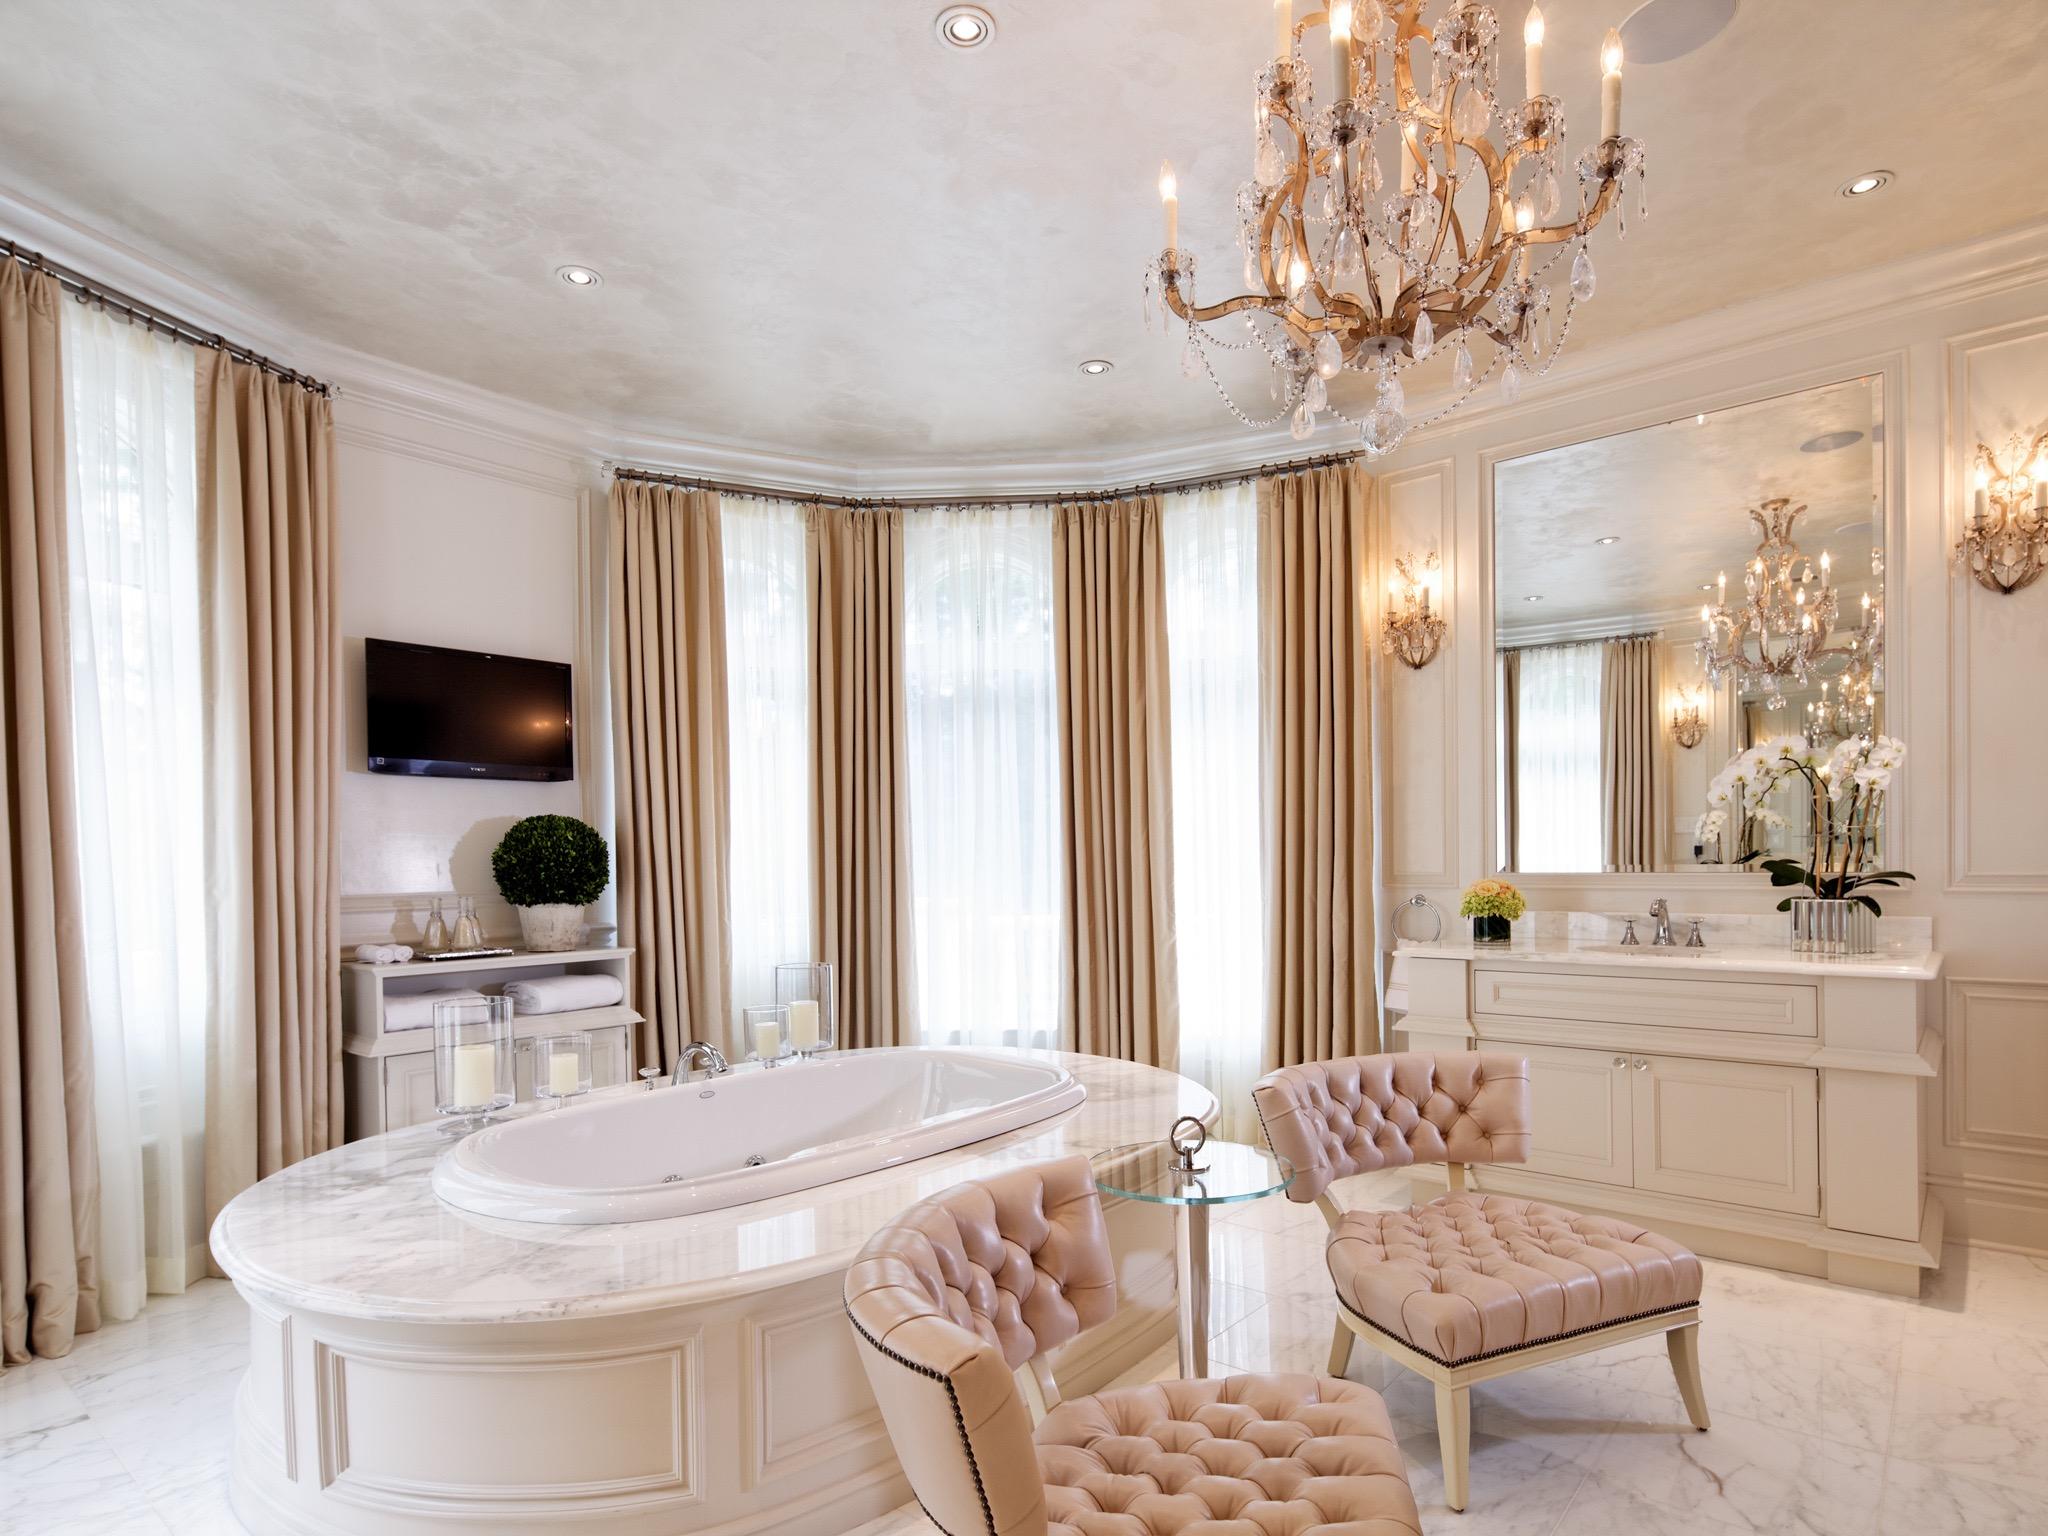 Luxury Elegant Master Bathroom With Marble Floors (Image 6 of 8)